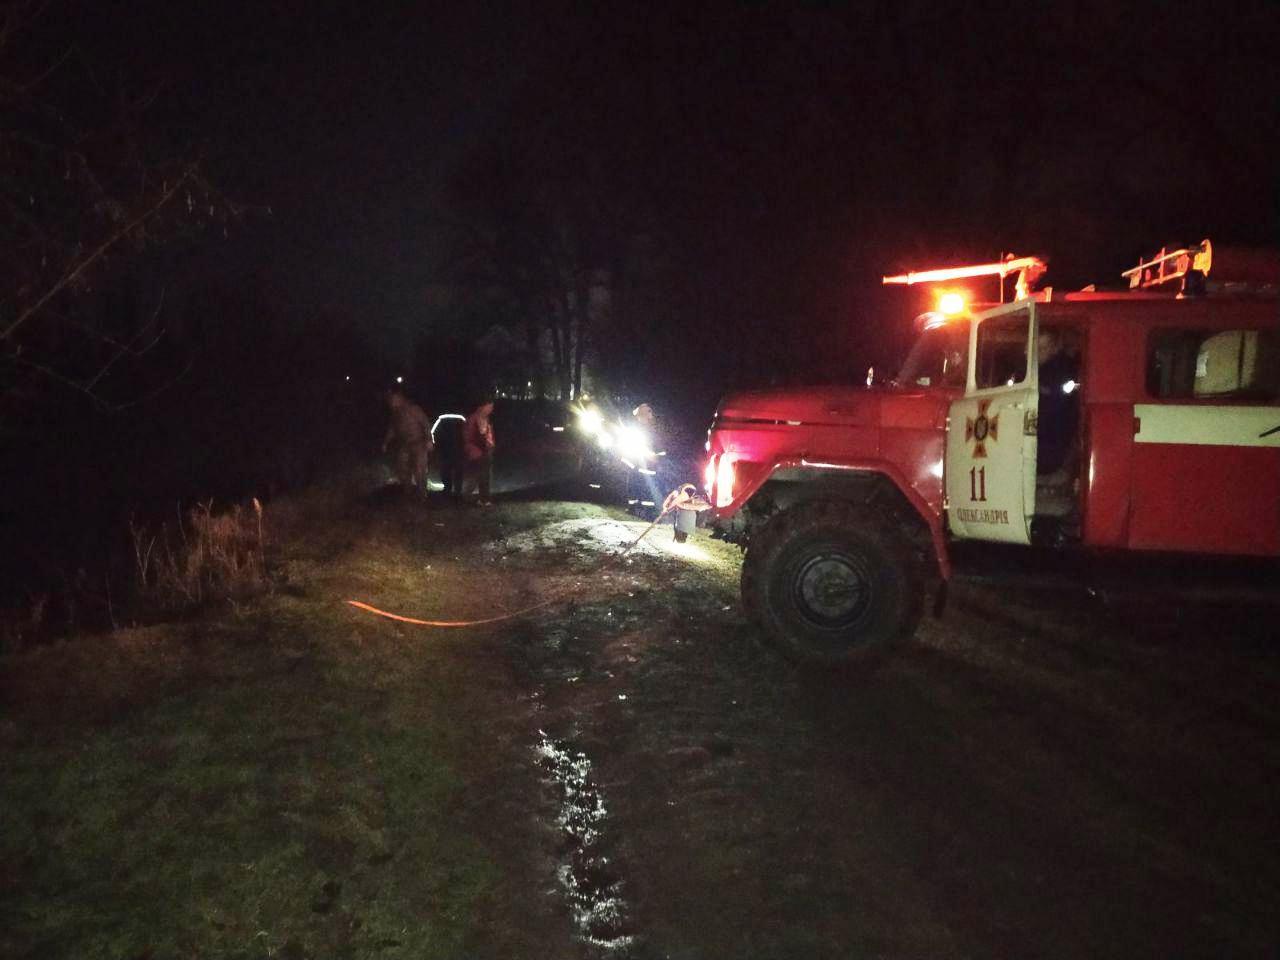 Без Купюр В Олександрії рятувальникам довелося діставати автівку з річки. ФОТО За кермом  рятувальники Річка авто 2020 рік